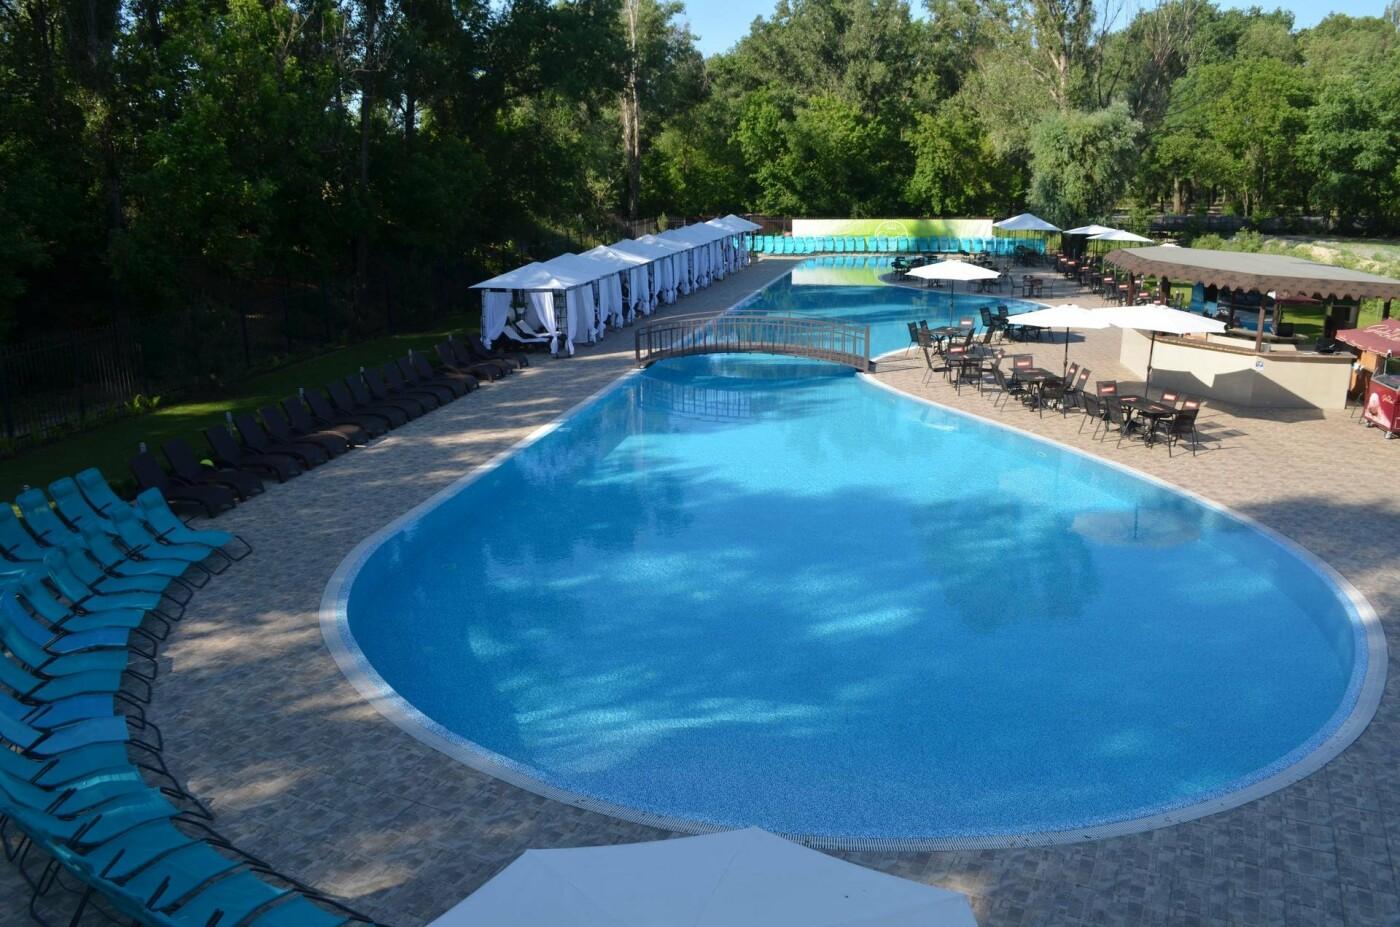 Время купаться: обзор бассейнов в Днепре, - ЦЕНЫ, фото-1